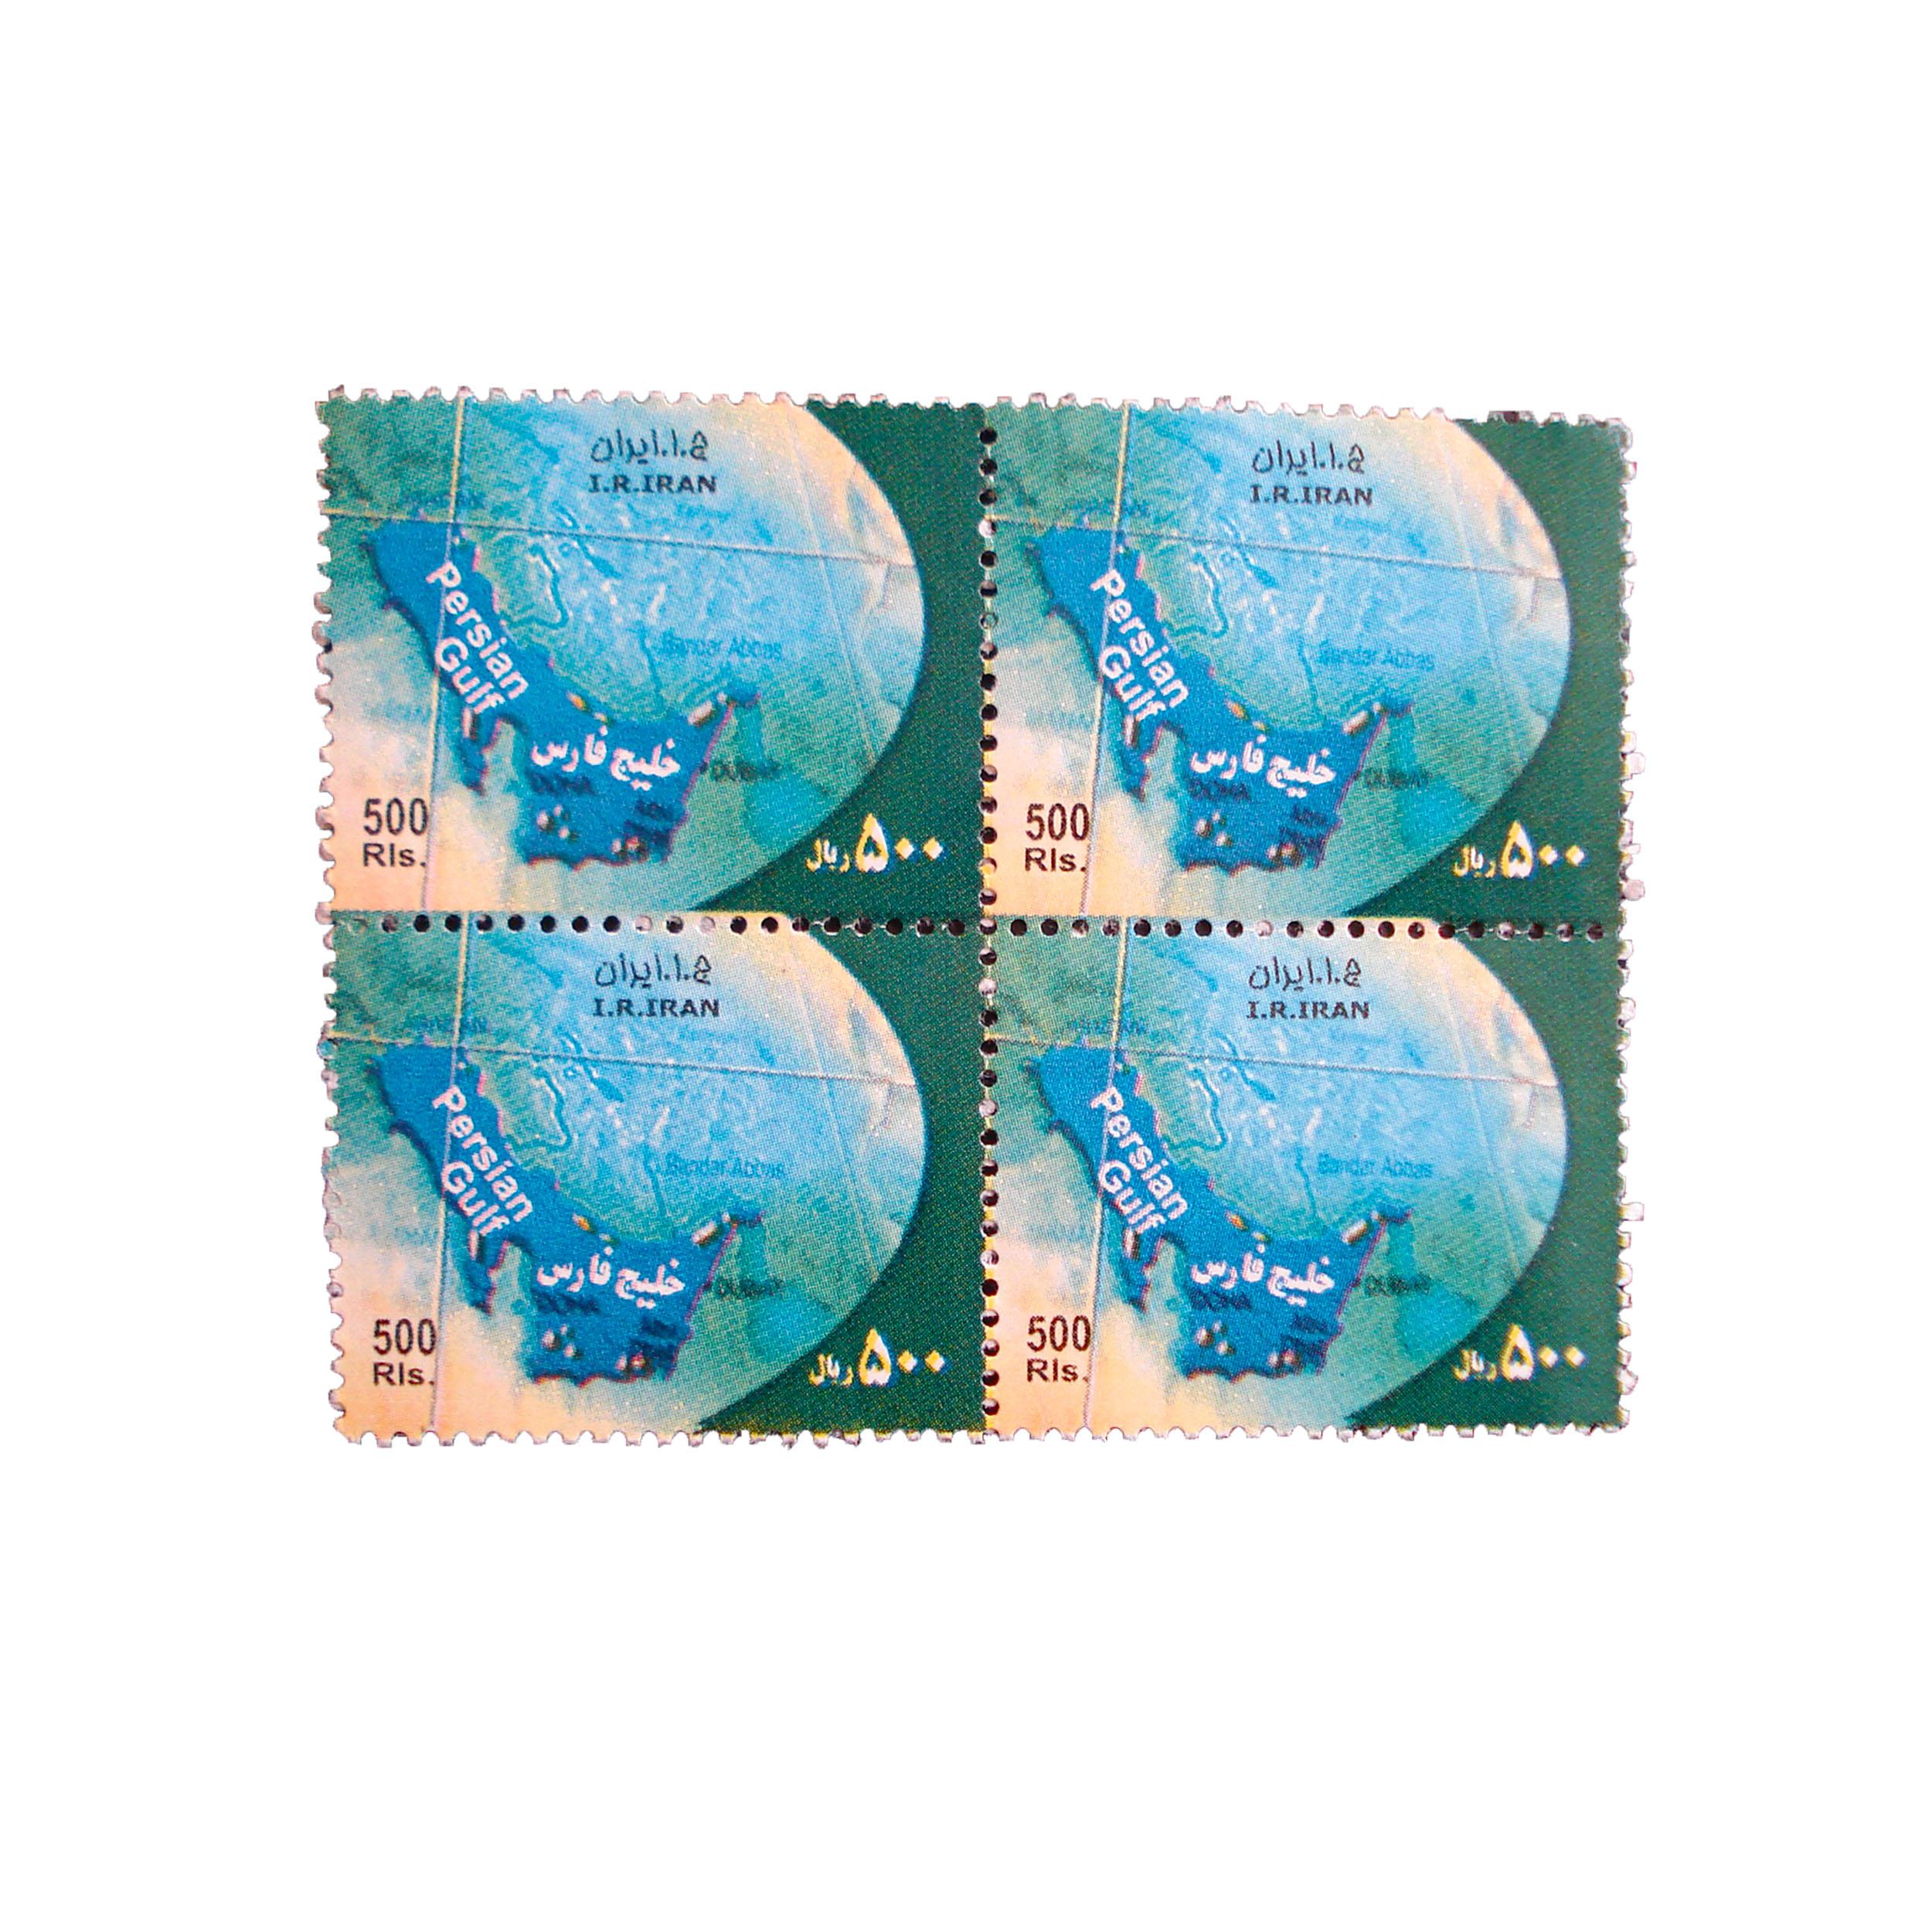 تمبر یادگاری مدل خلیج فارس کد fars-234 مجموعه 4 عددی